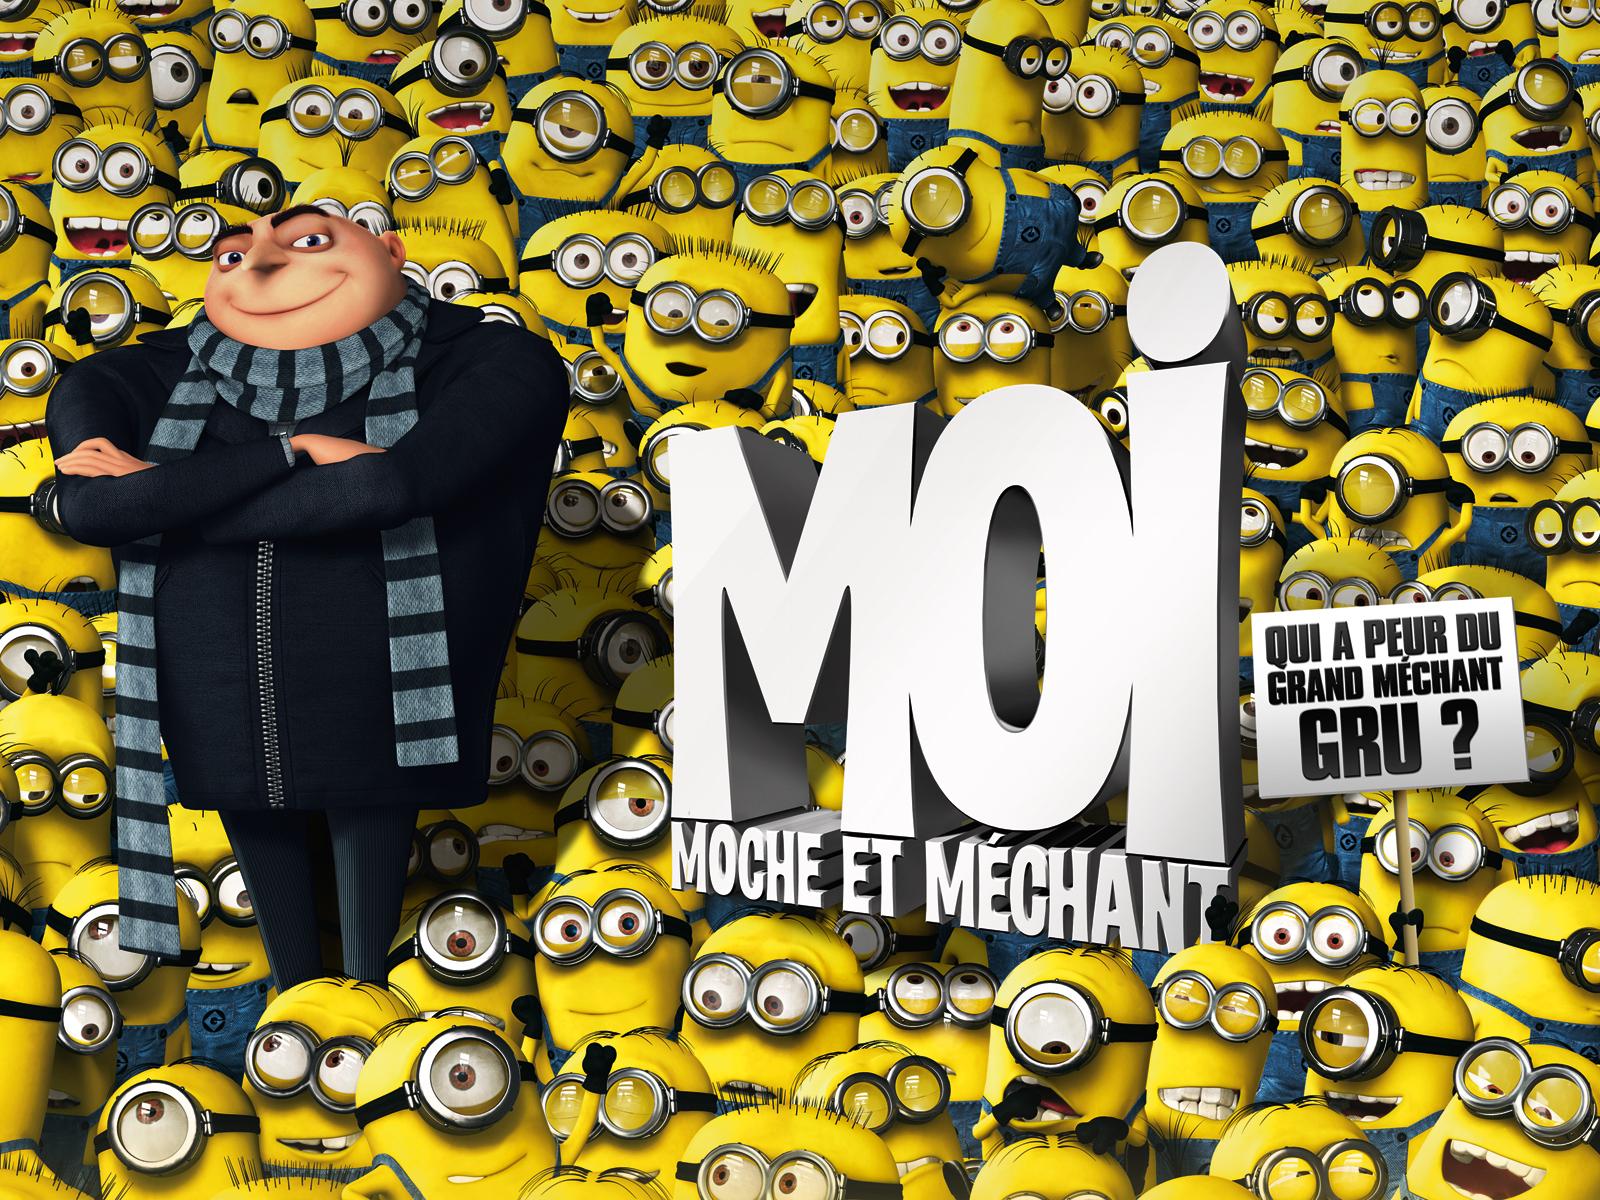 Moi moche et m chant one quality the finest - Lego moi moche et mechant ...